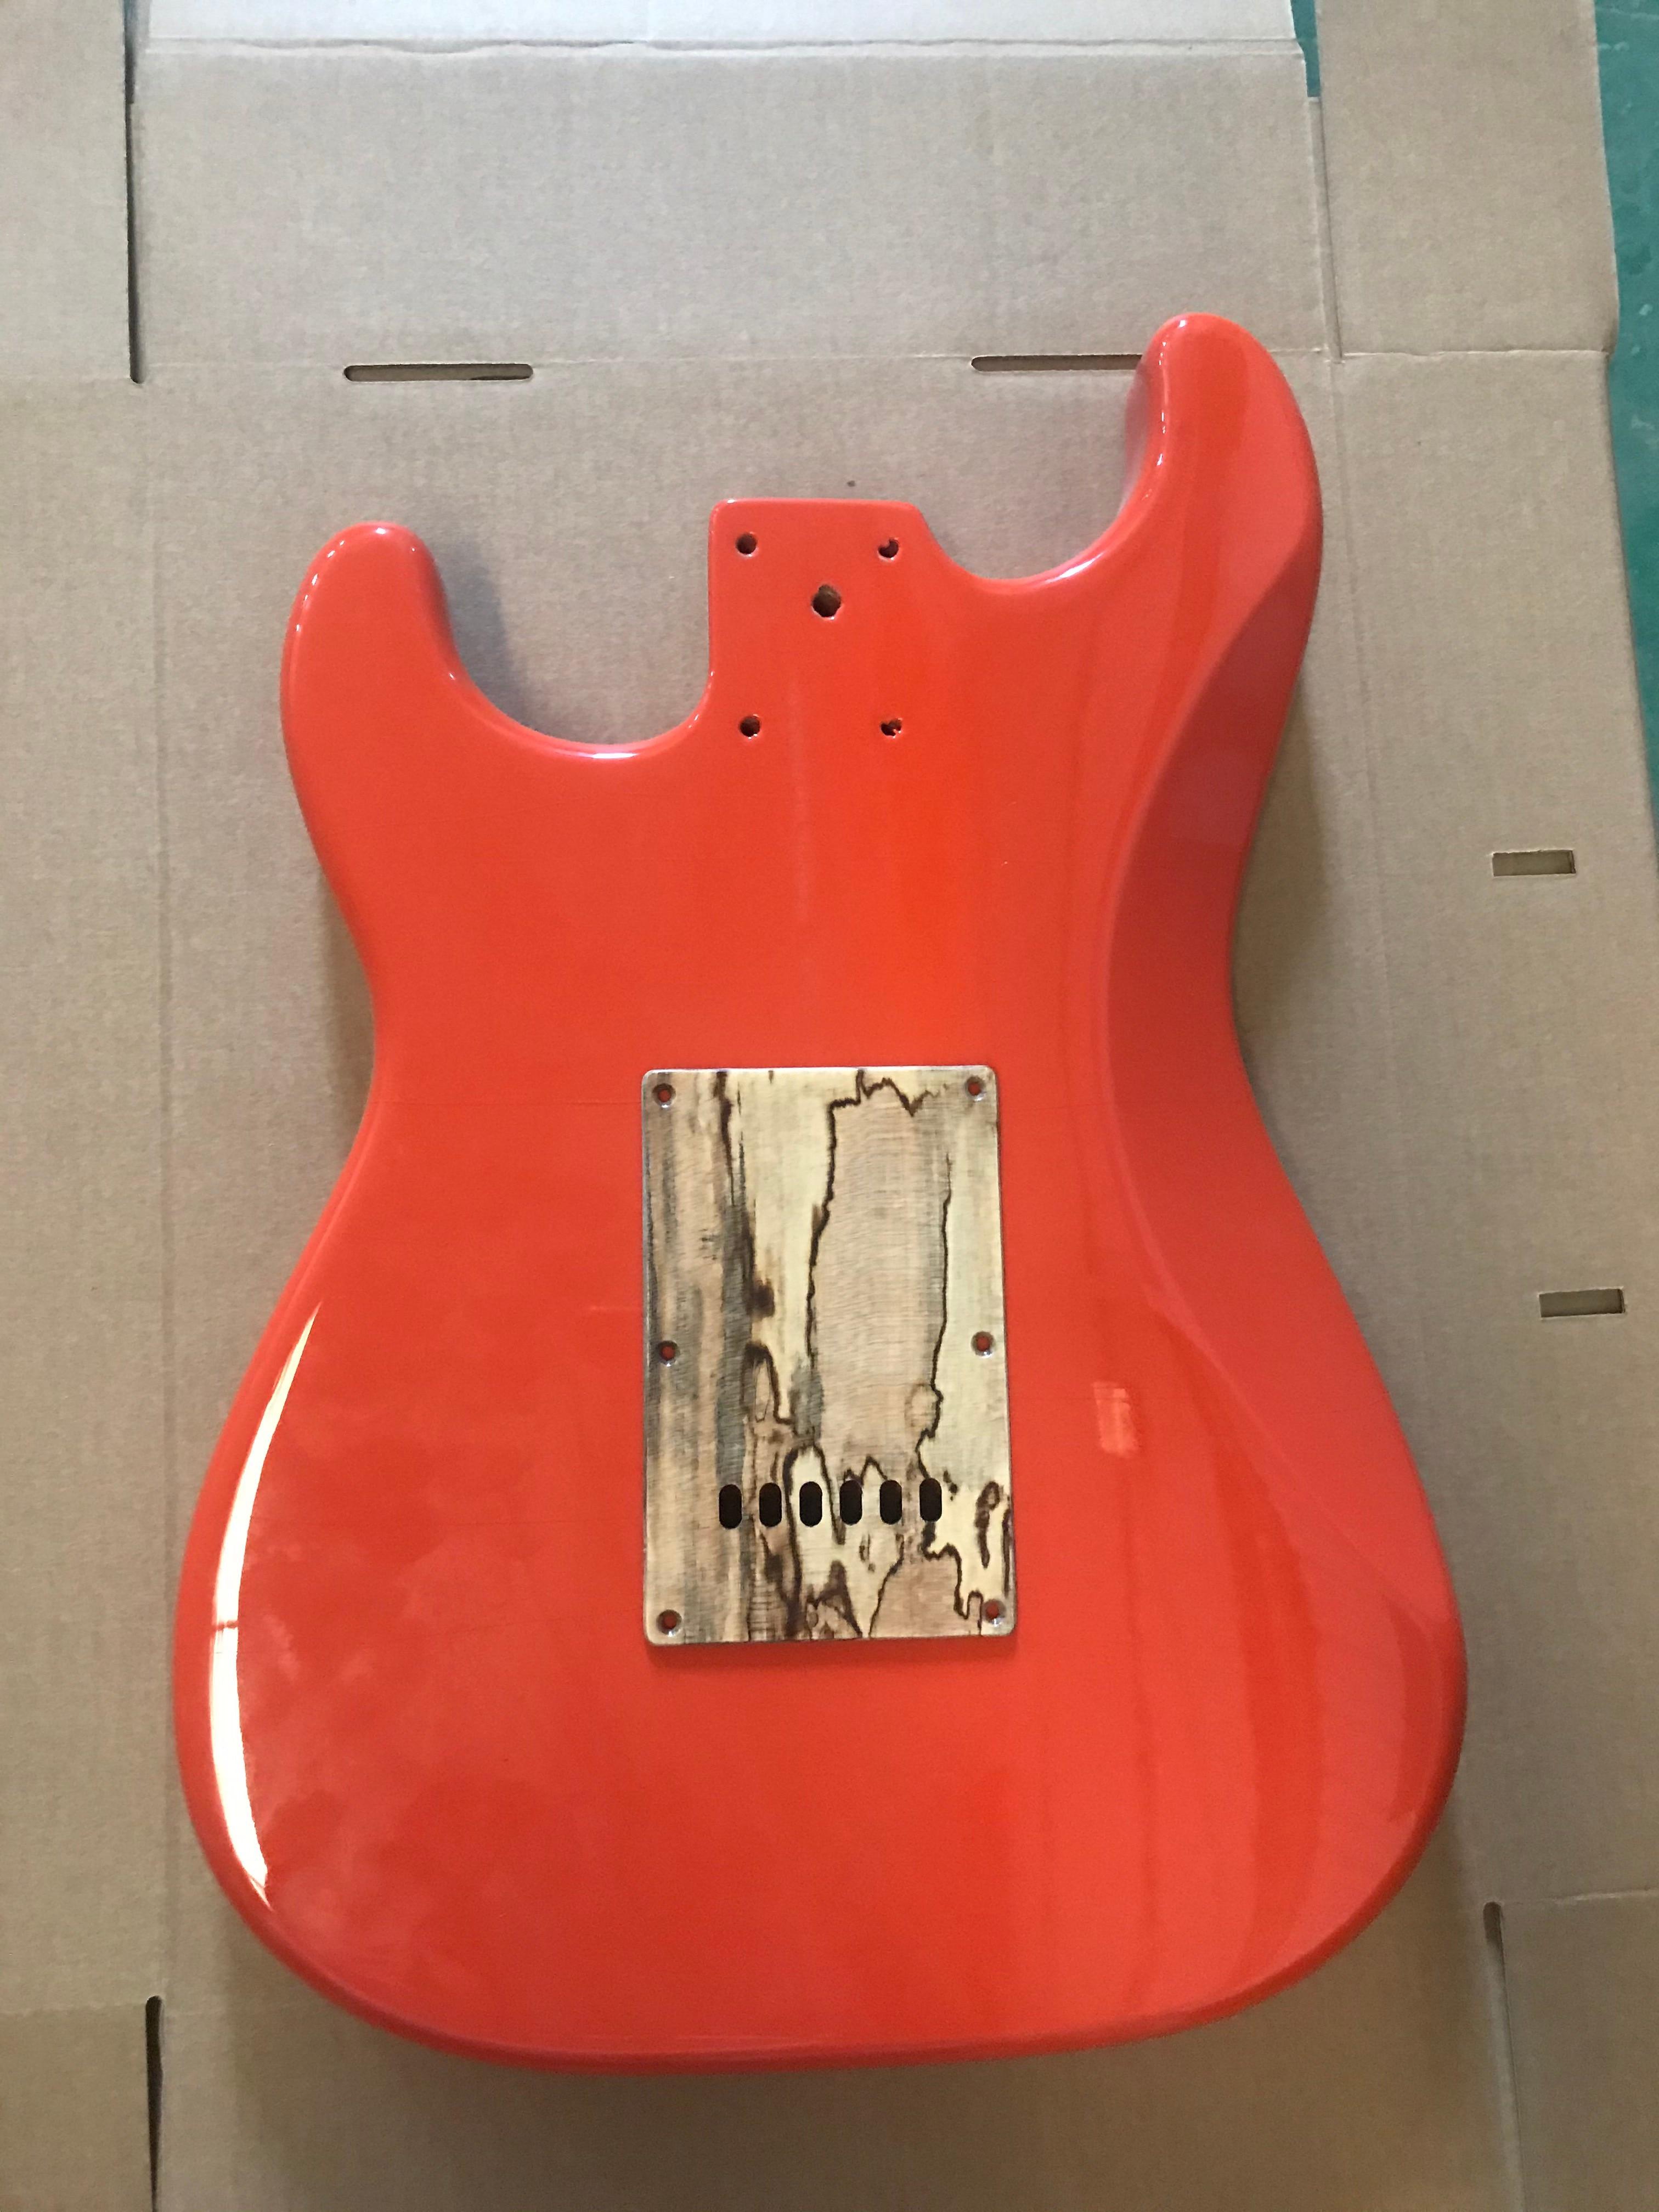 A set of Strat Electric Guitar Body Guitar Barrel Orange Color Alder Guitar Panel & Pickguard & Backpalte Manual DIY enlarge